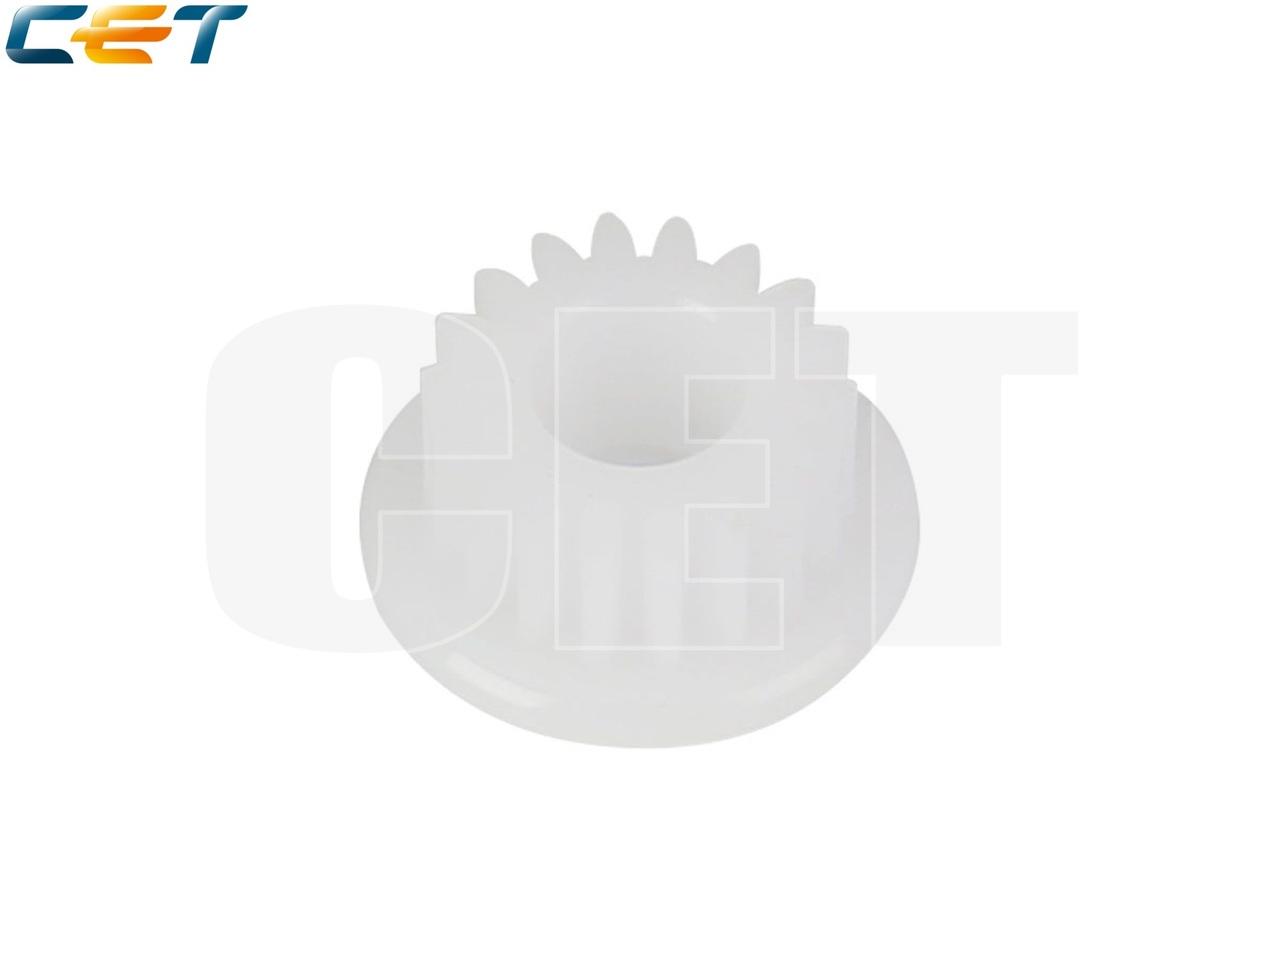 Промежуточная шестерня фьюзера 18T для KYOCERAECOSYSM2030DN/2035DN/2530DN/2535DN/P2035d/2135d/P2135dn(CET), CET361002